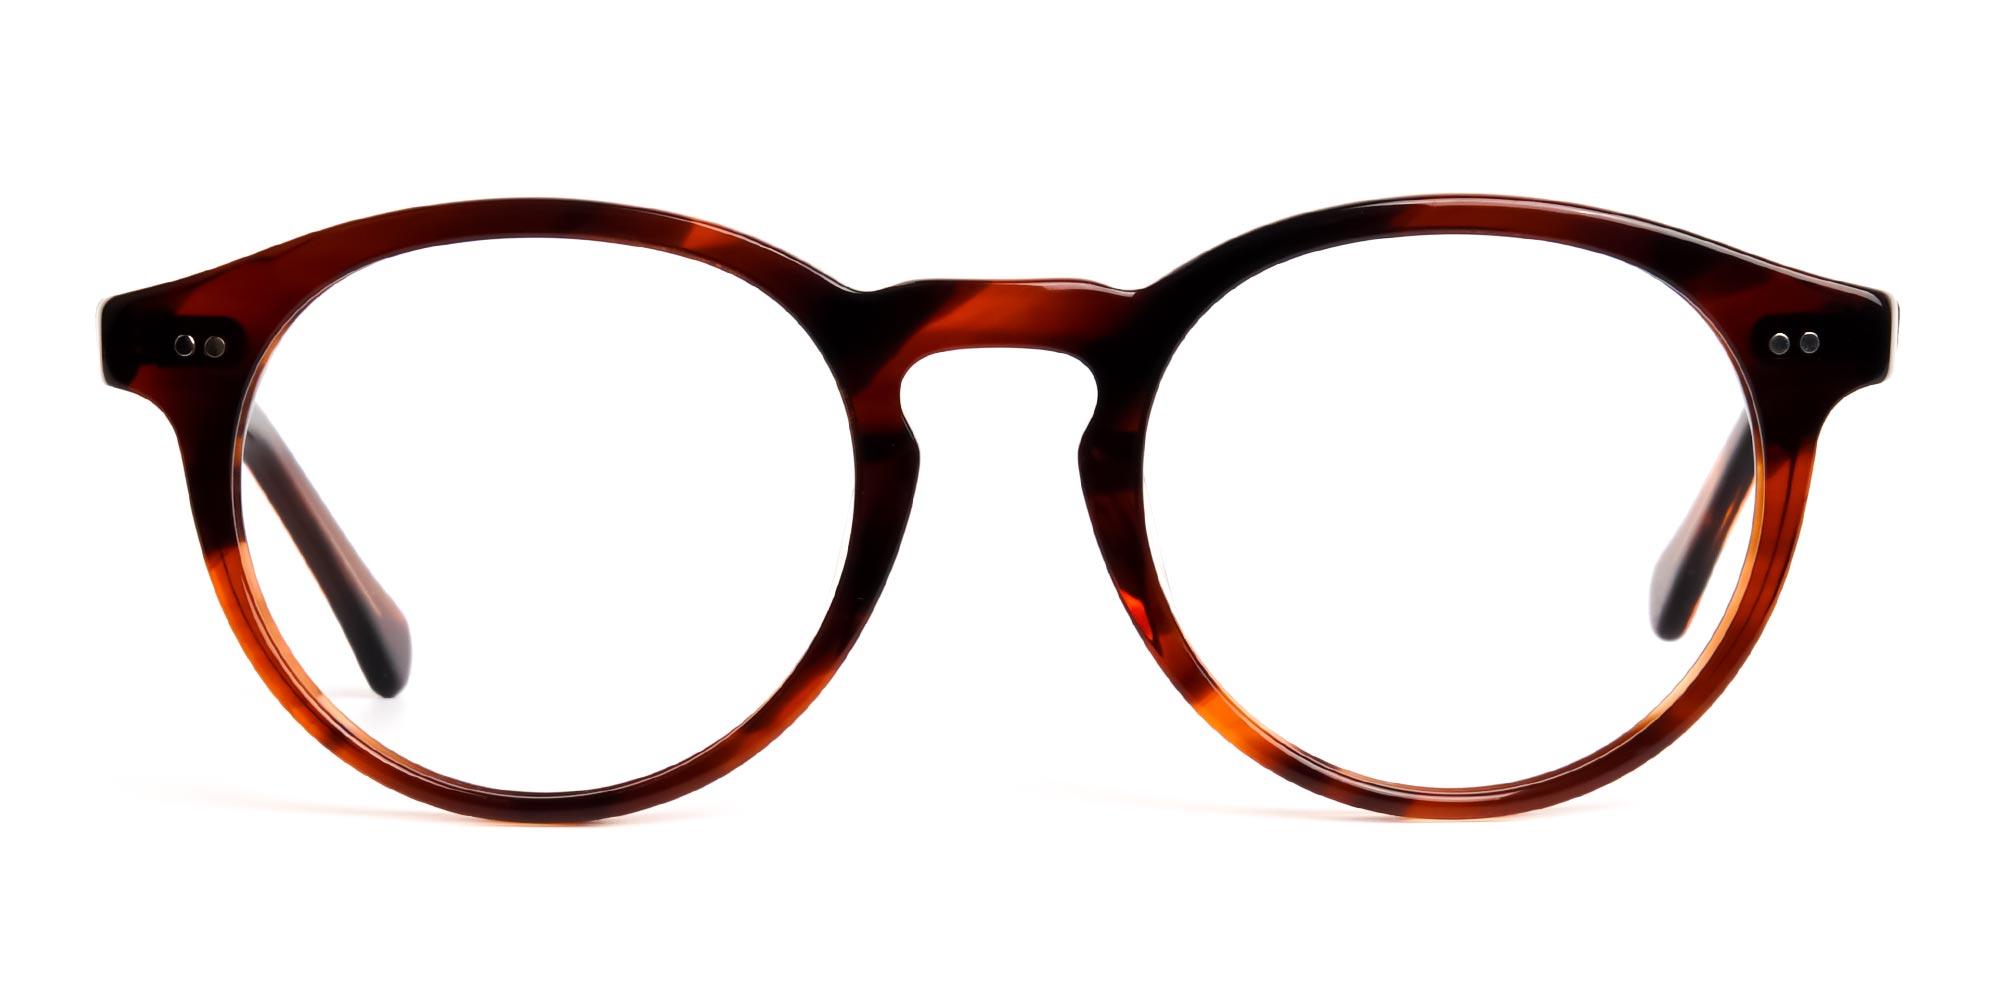 Dark Black and Brown Tortoise Shell Glasses